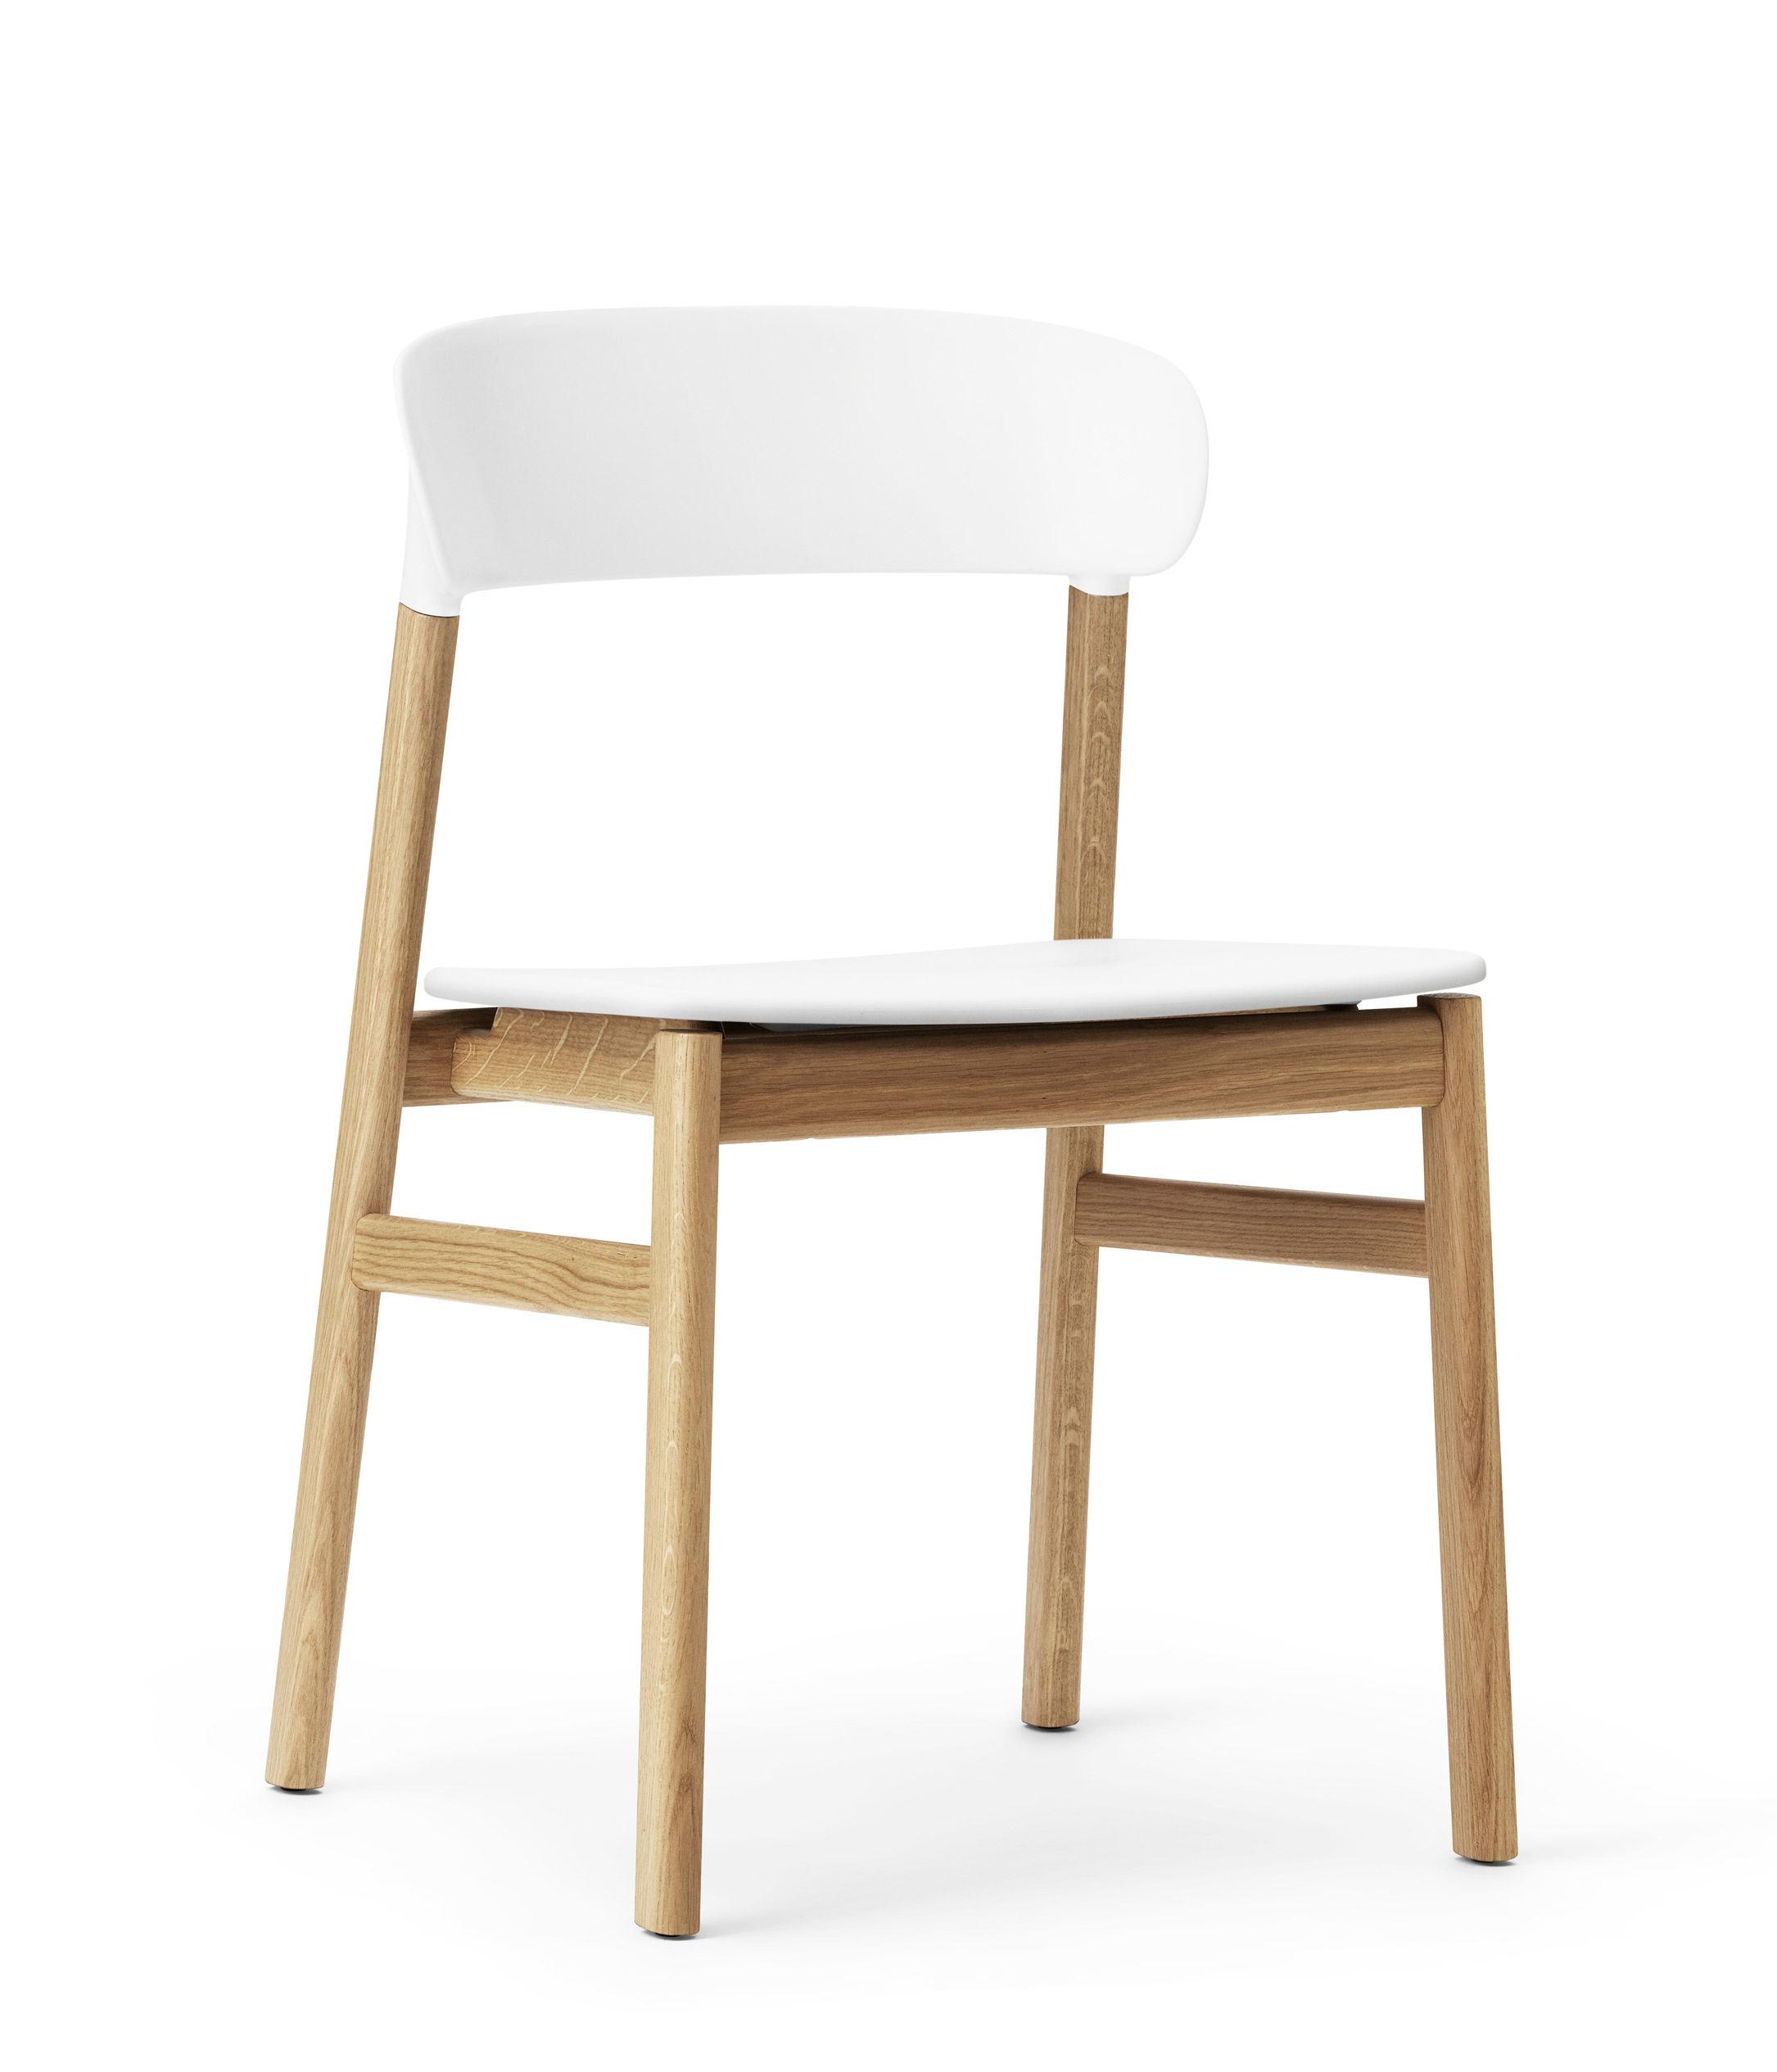 Möbel - Stühle  - Herit Stuhl / Stuhlbeine aus Eiche - Normann Copenhagen - Weiß / Eiche - Eiche, Polypropylen